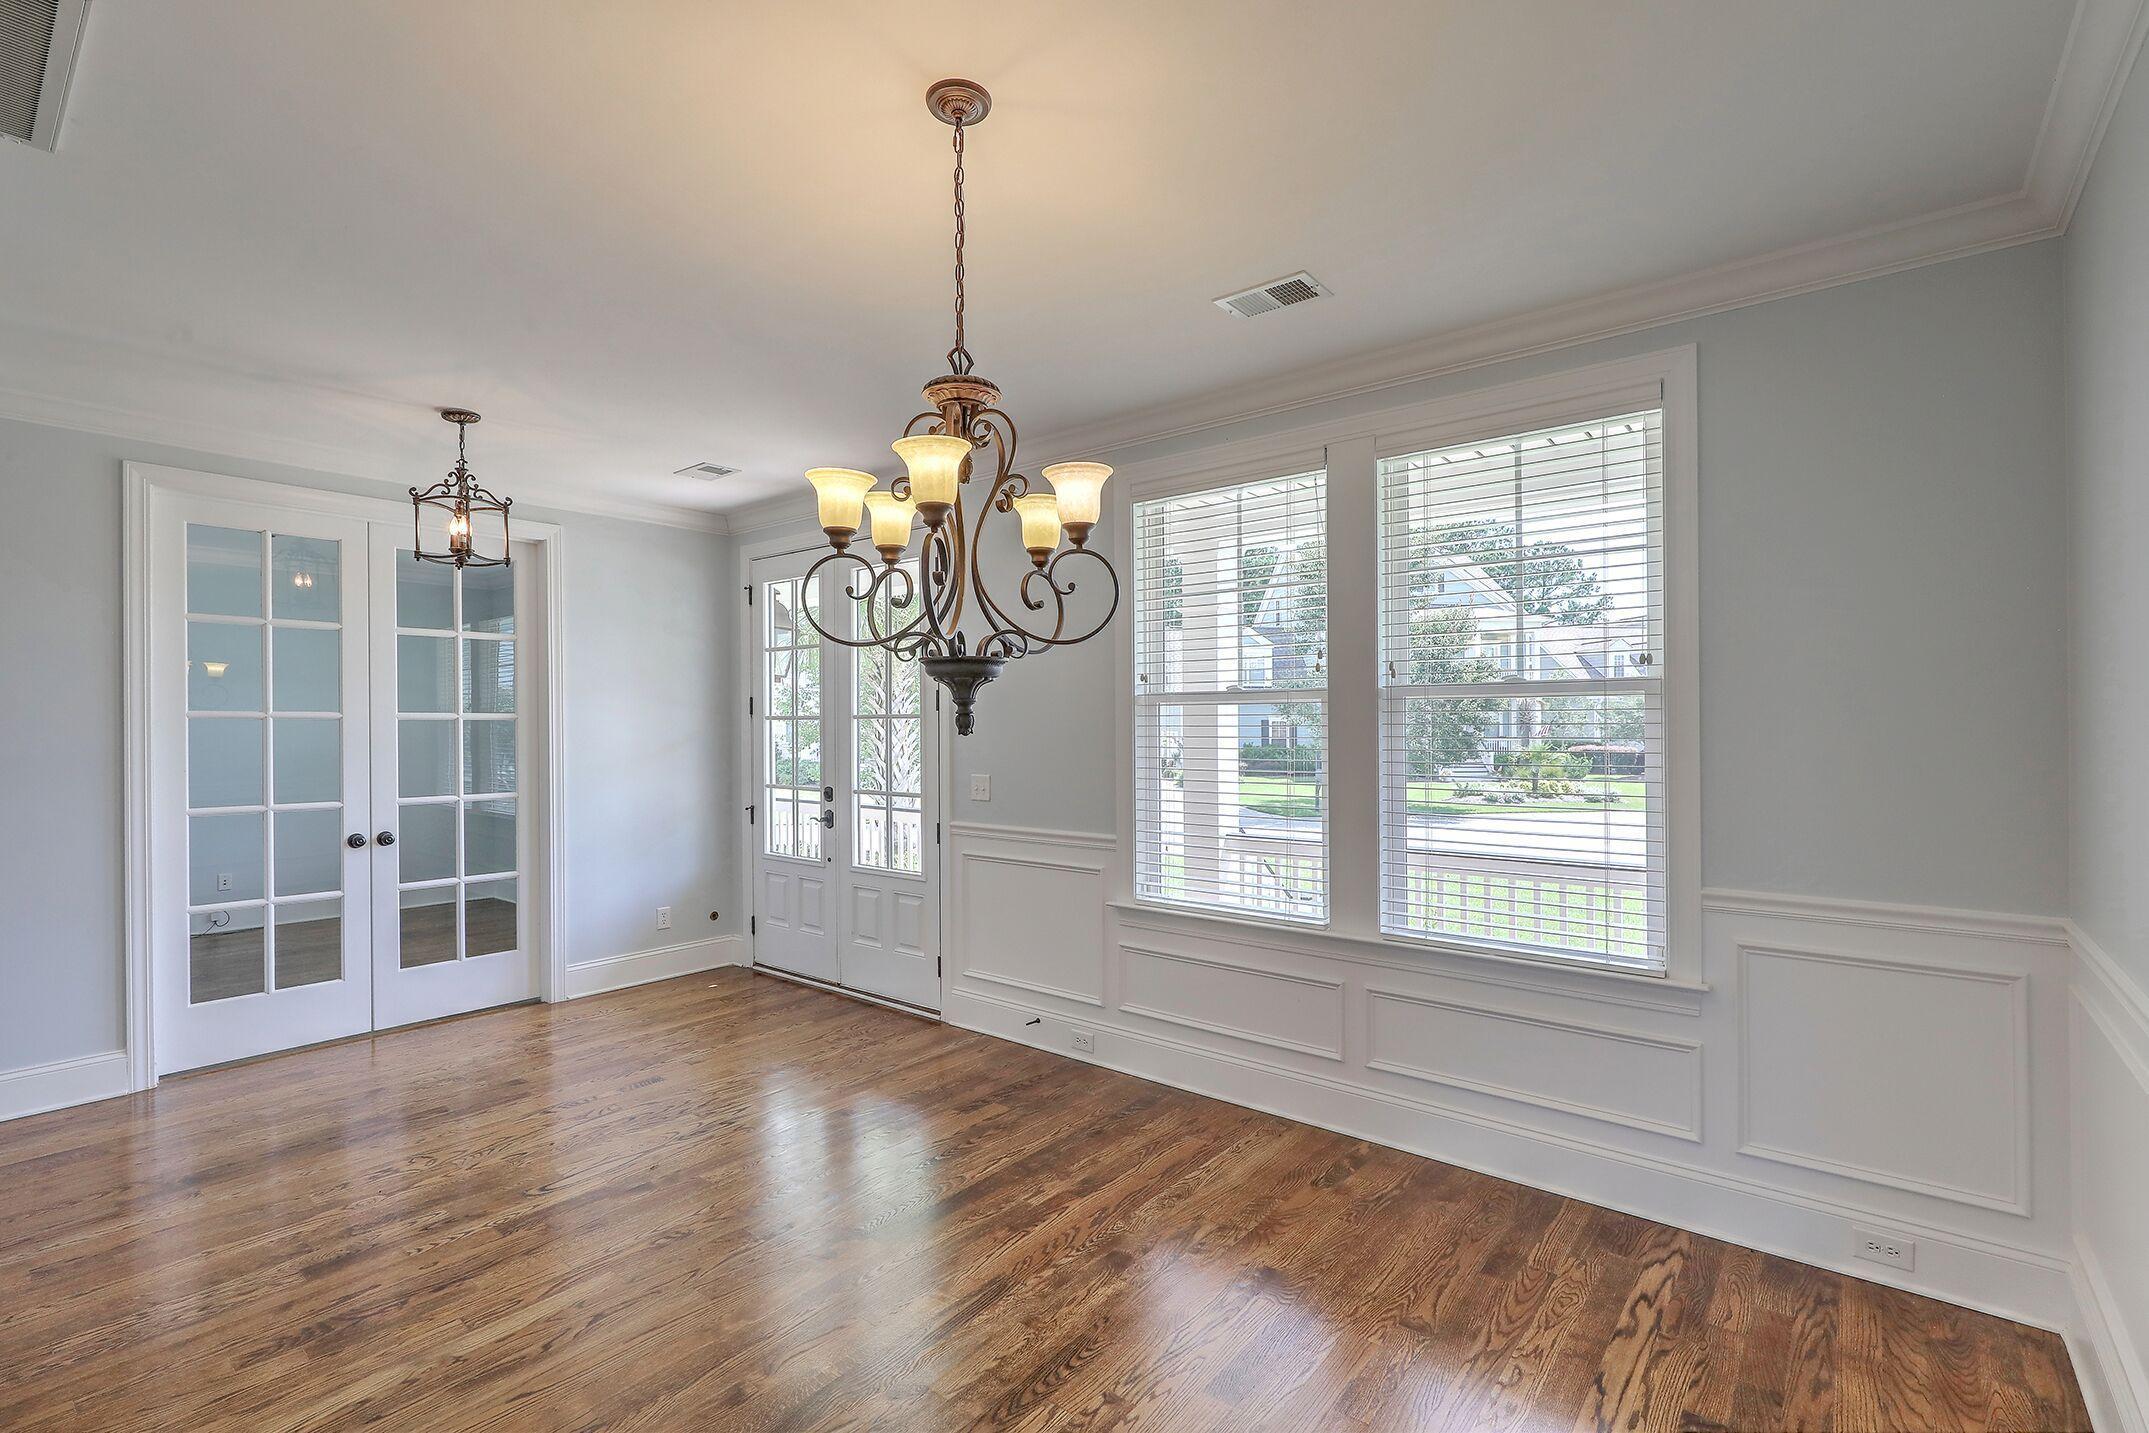 Dunes West Homes For Sale - 2970 Sturbridge, Mount Pleasant, SC - 39